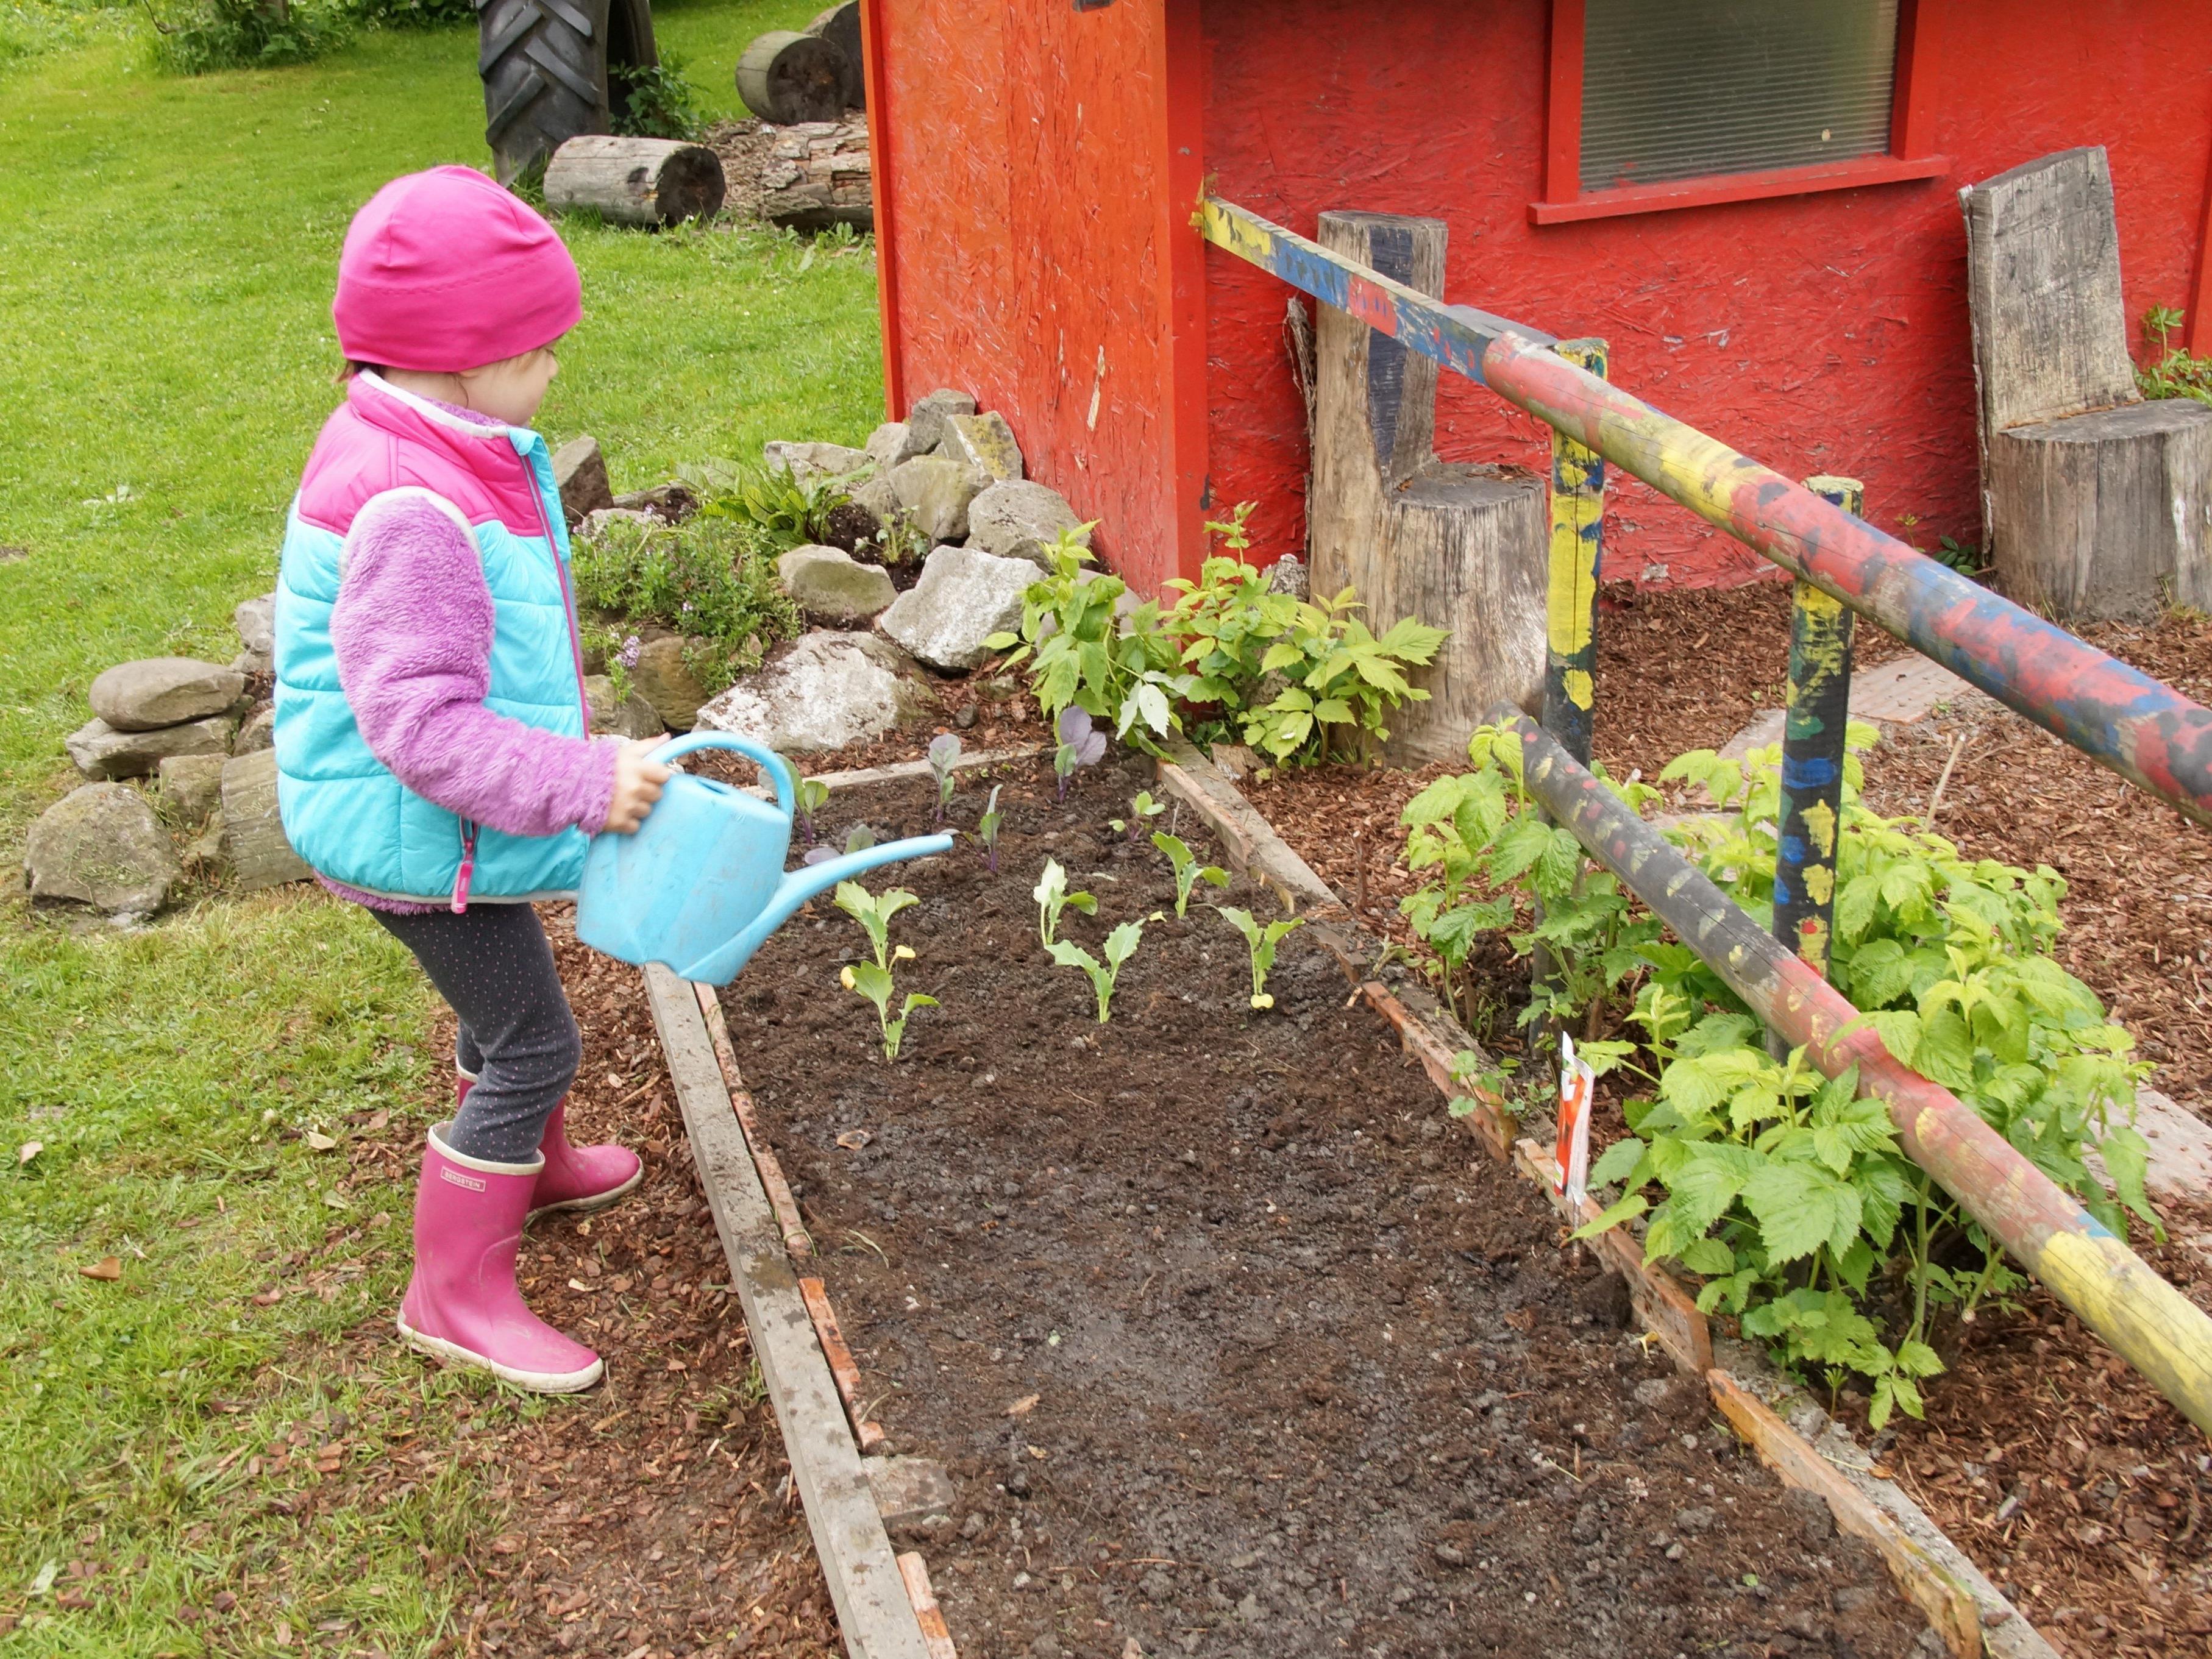 Frühjahrs-Garten-Putz in der Kinderstube